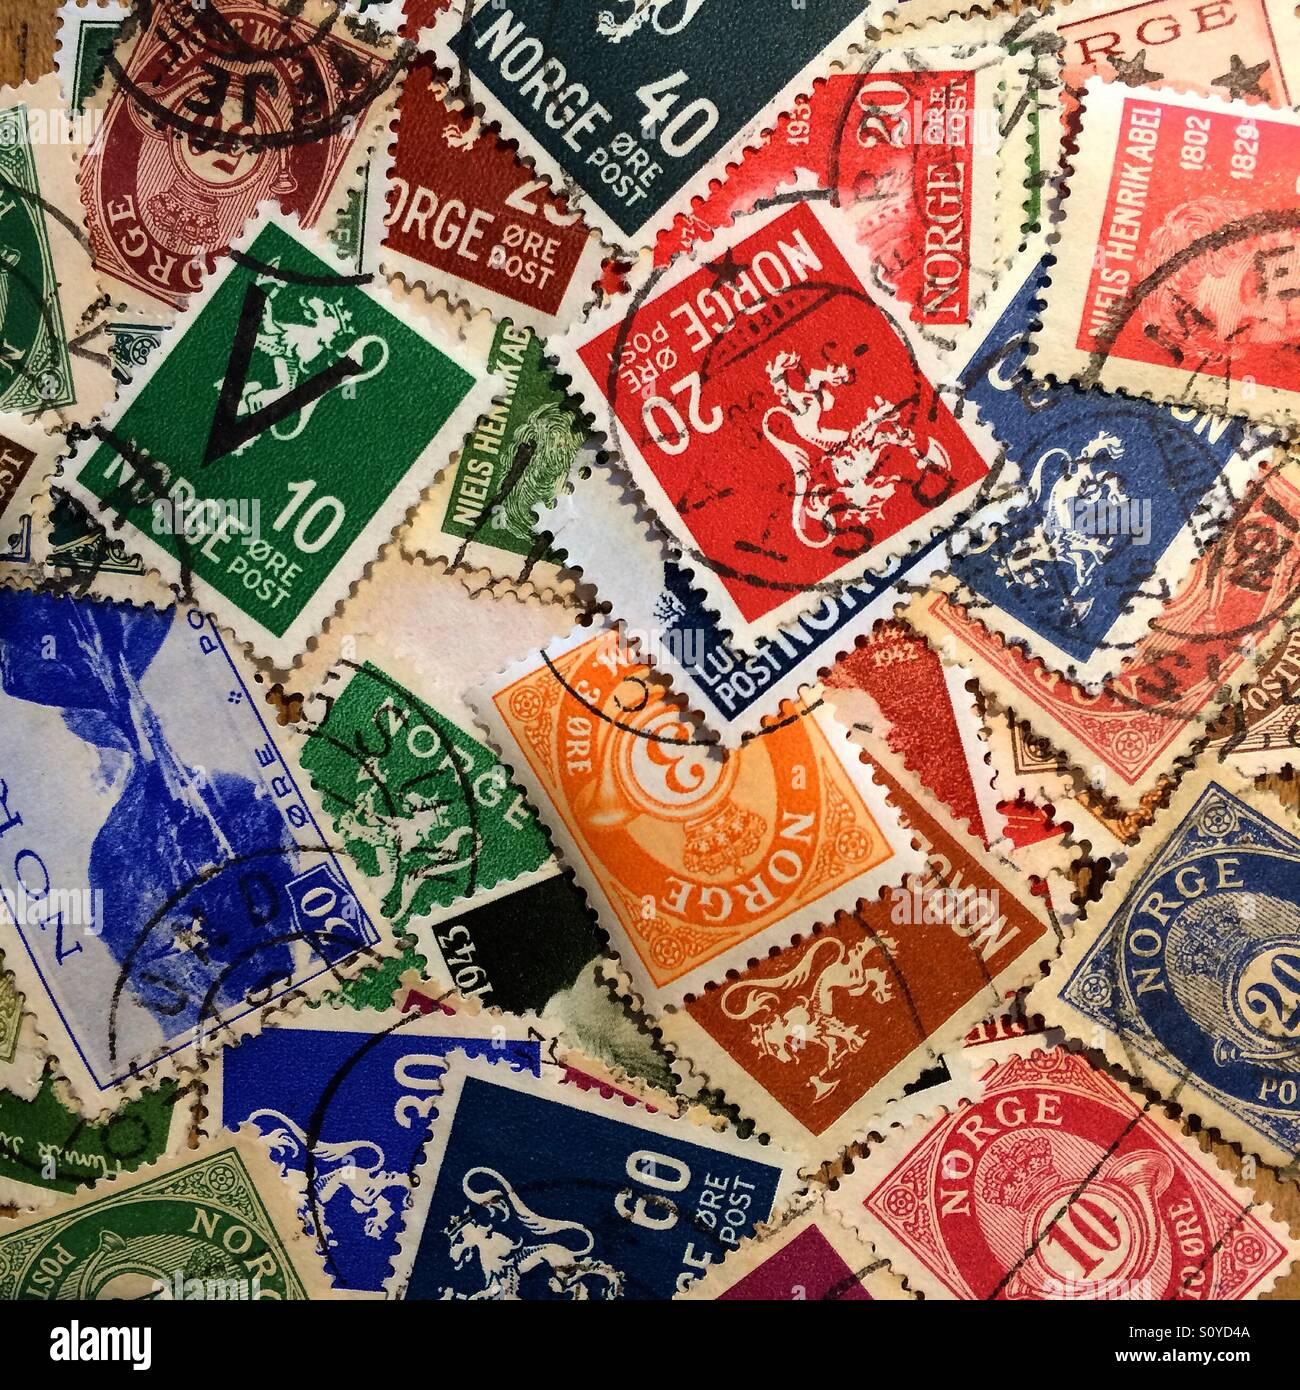 Norwegian Stamps - Stock Image